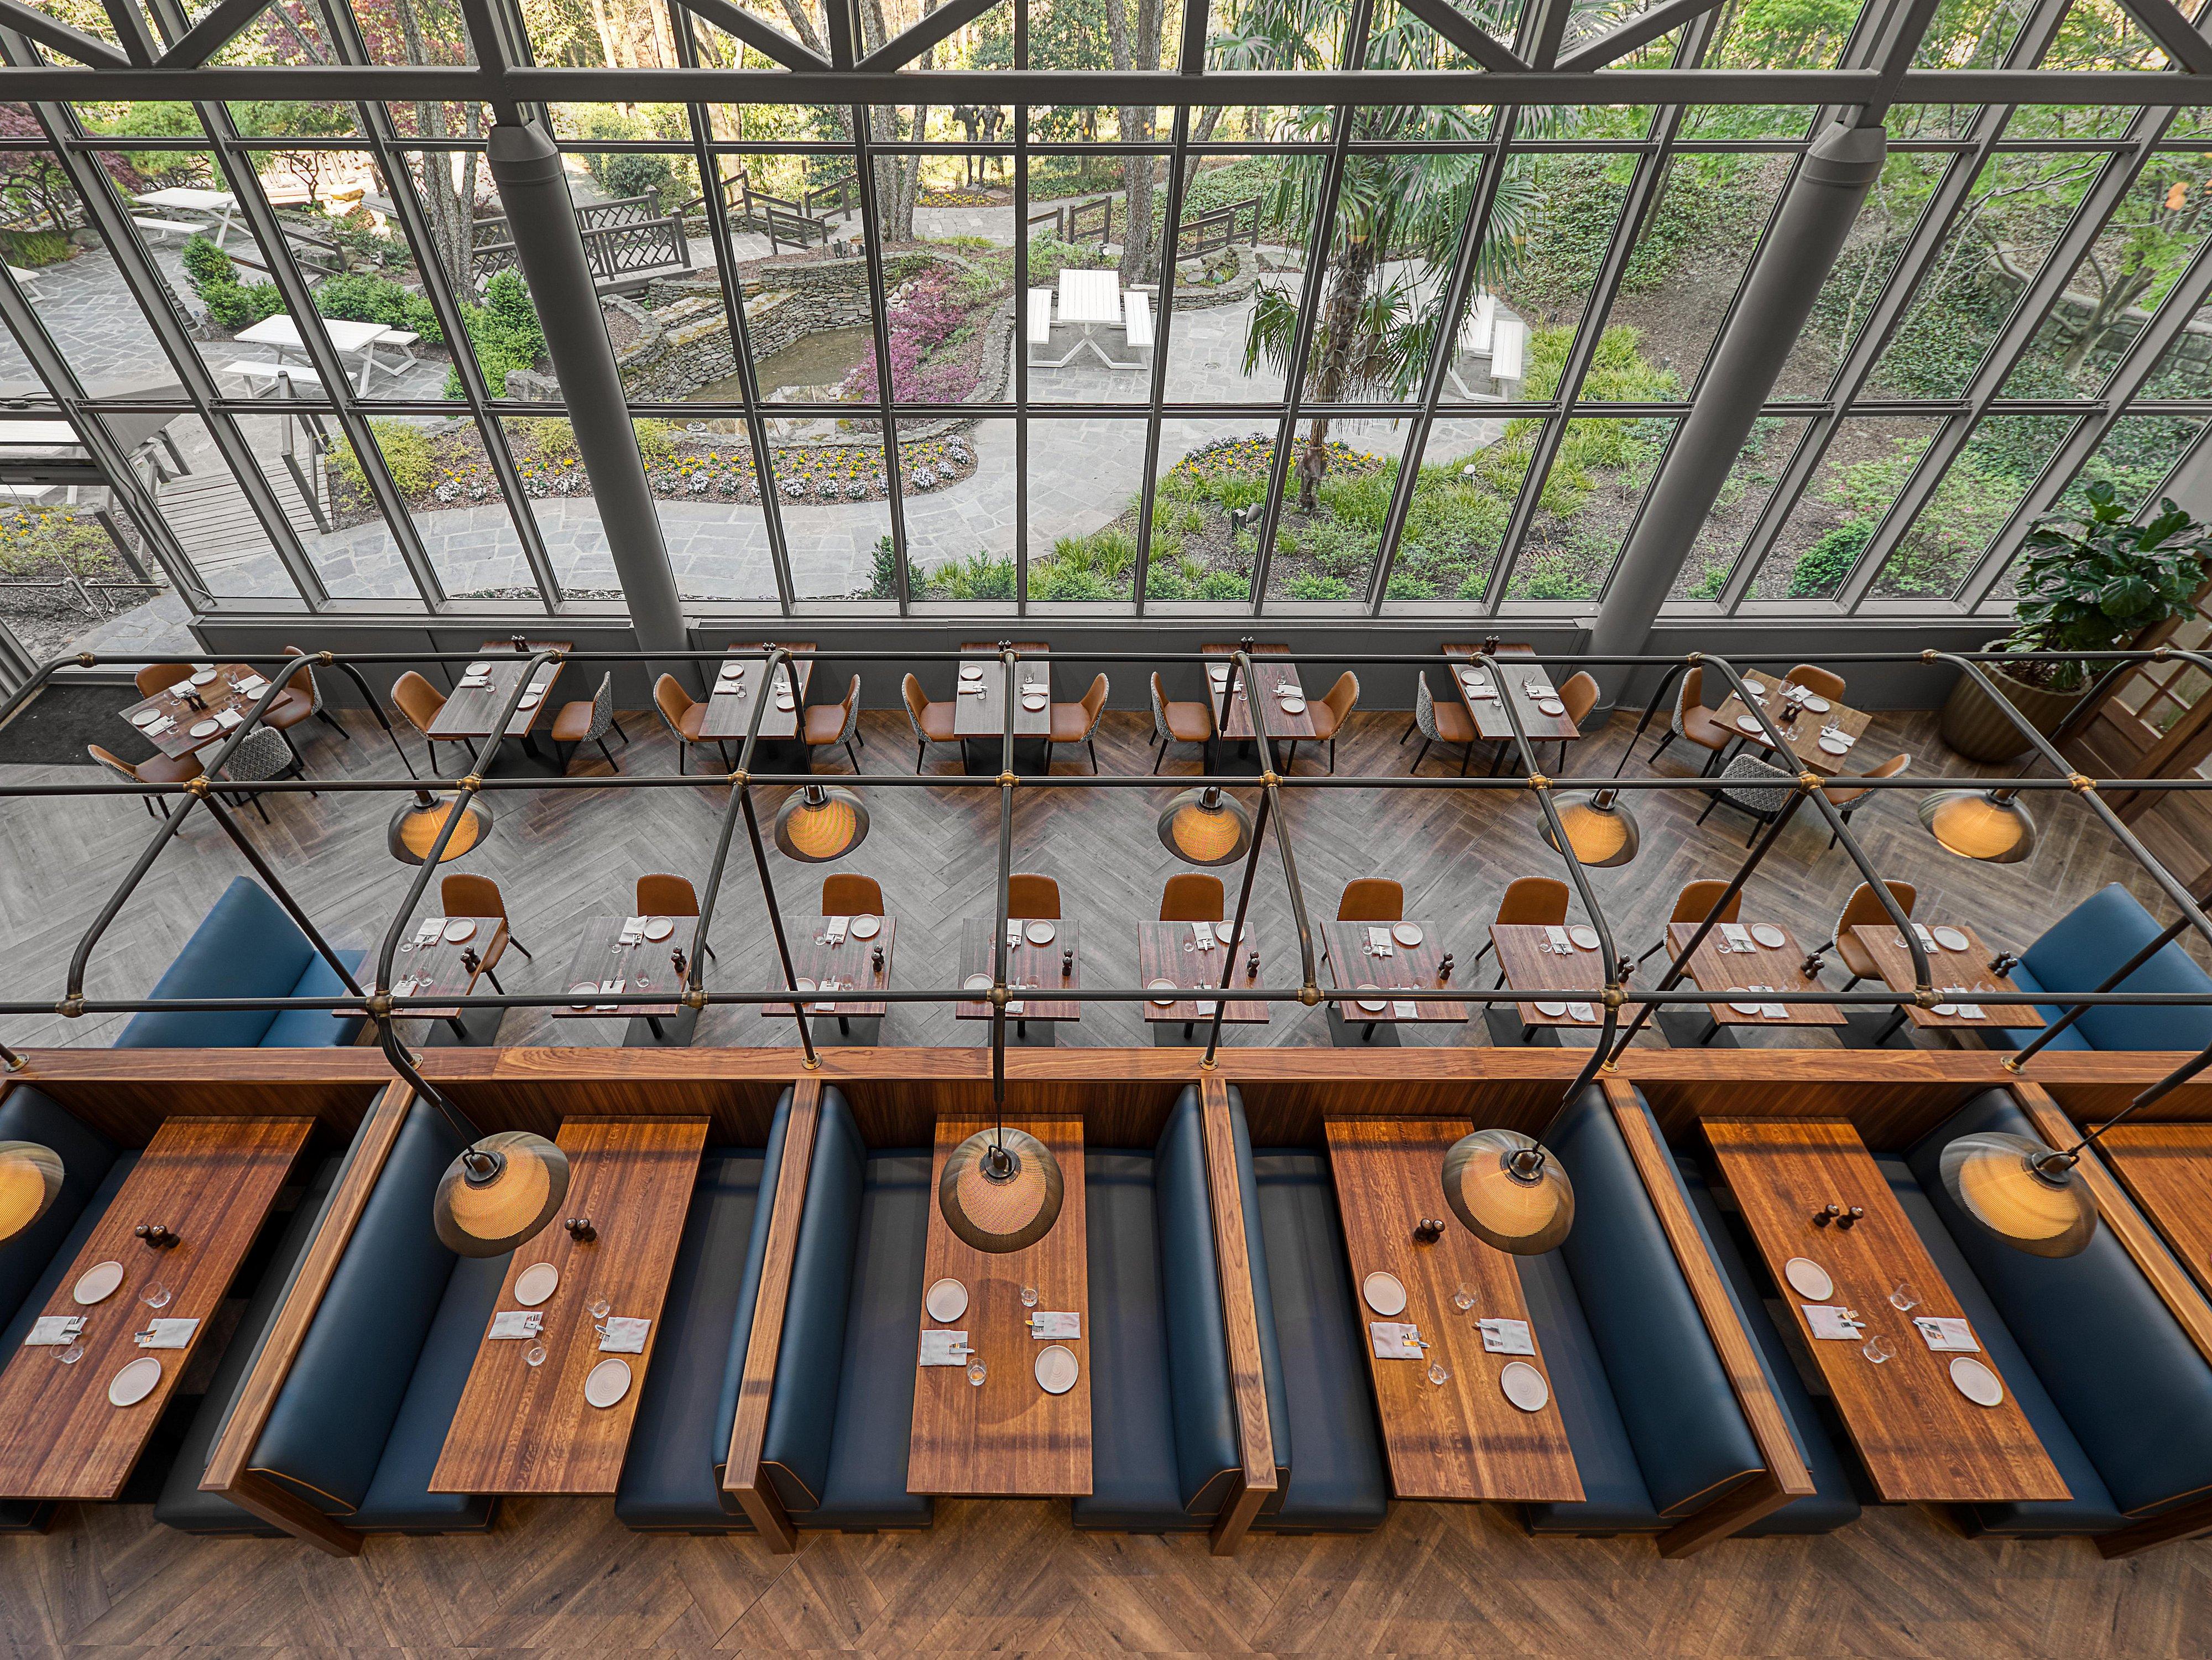 Atlanta Perimeter Hotel - Crowne Plaza Atlanta Perimeter at Ravinia